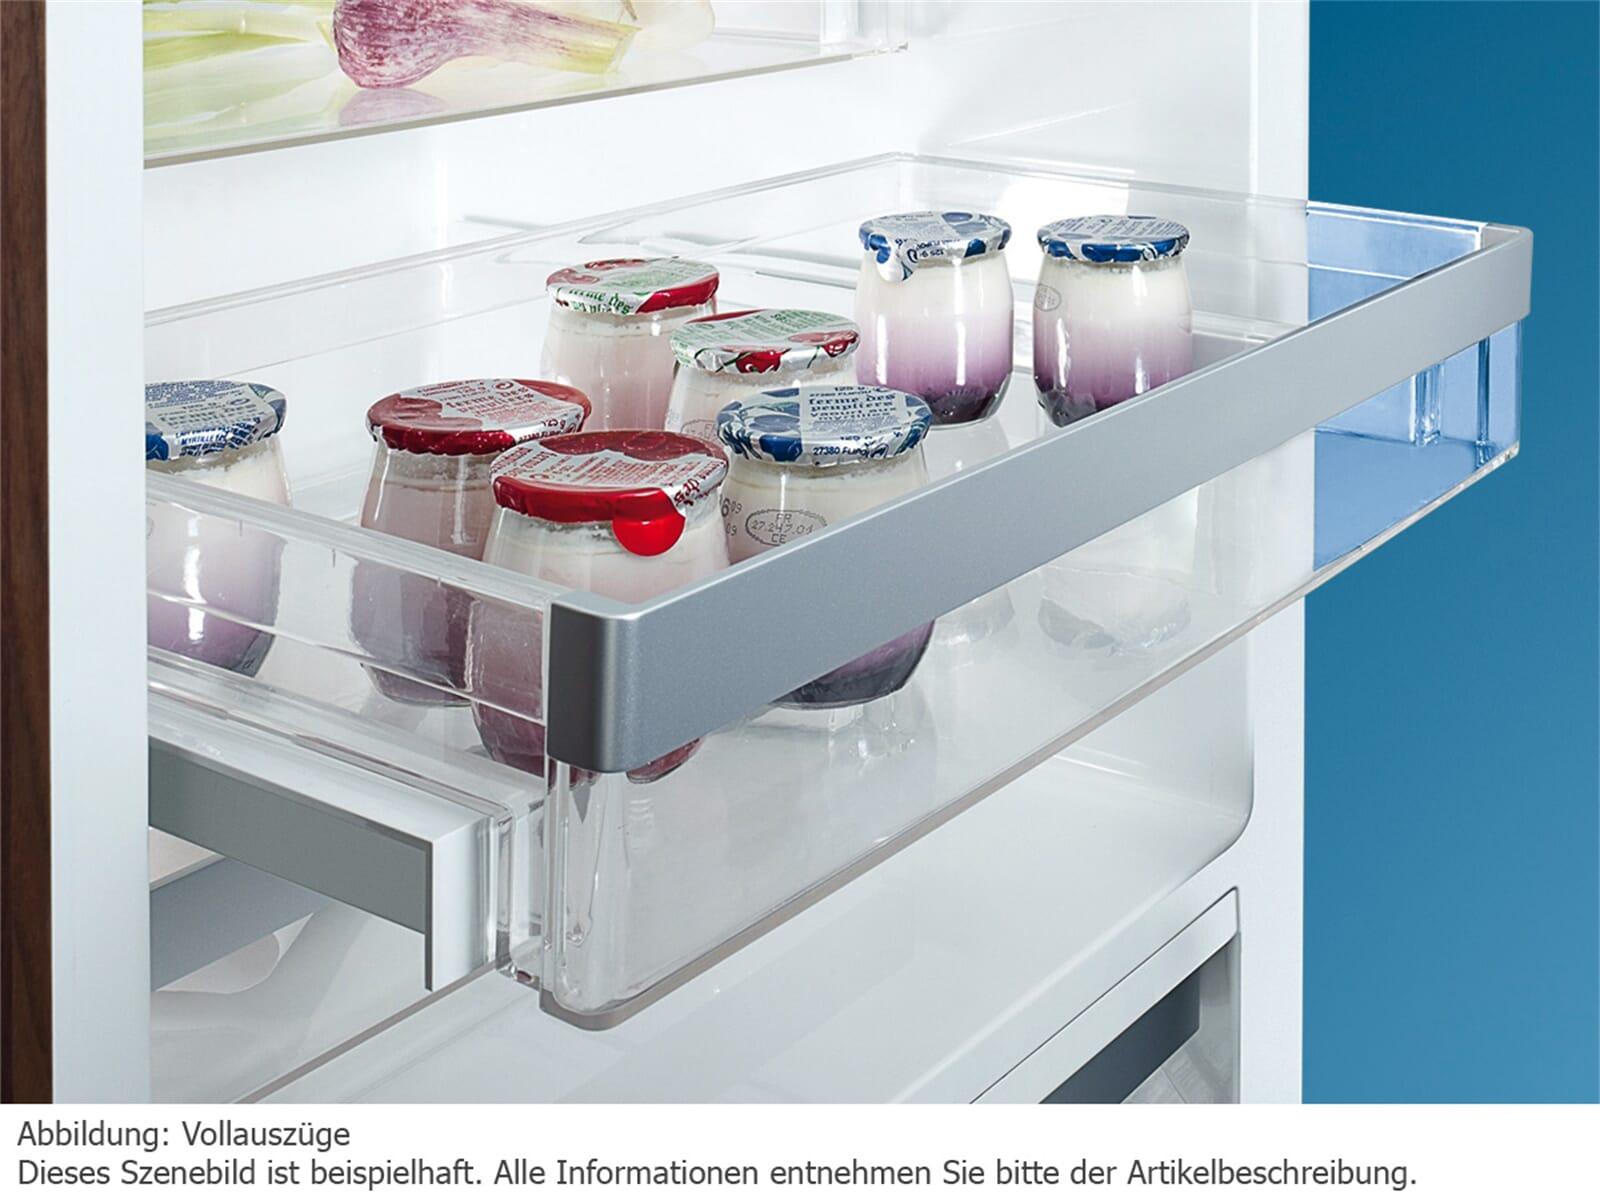 Siemens Kühlschrank Alarm Piept : Siemens ki lad einbaukühlschrank